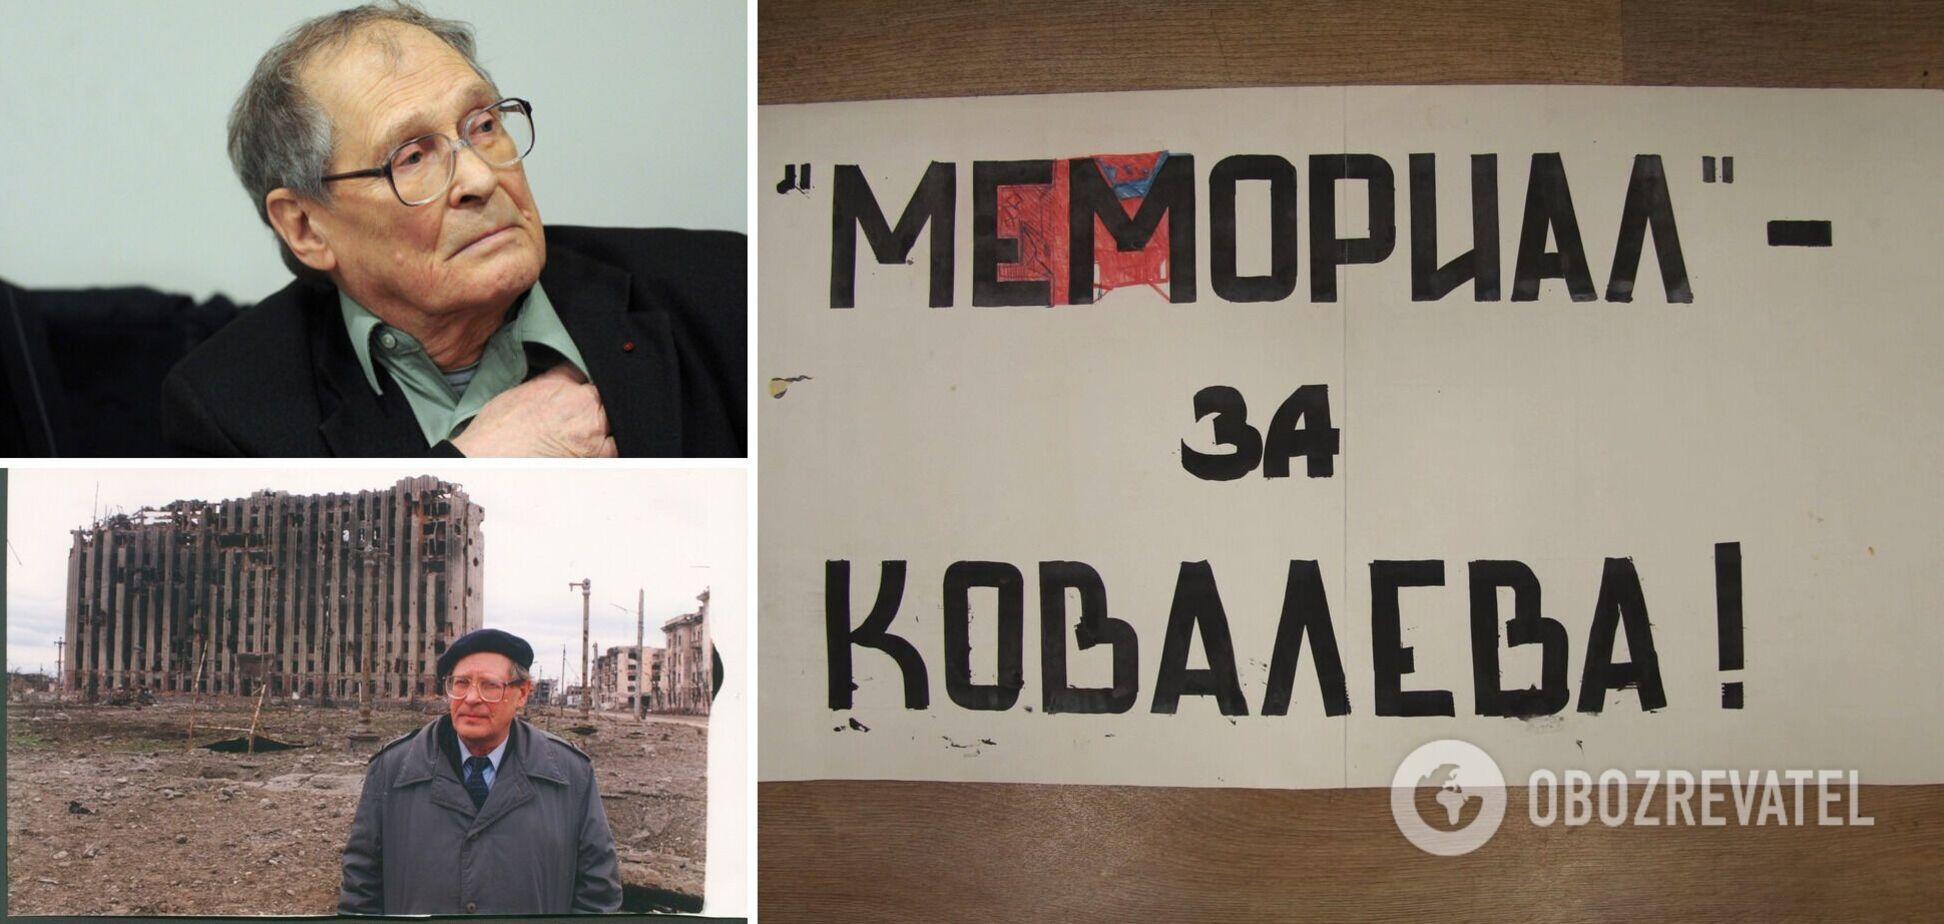 Помер відомий російський дисидент, який критикував Путіна і засуджував захоплення Криму